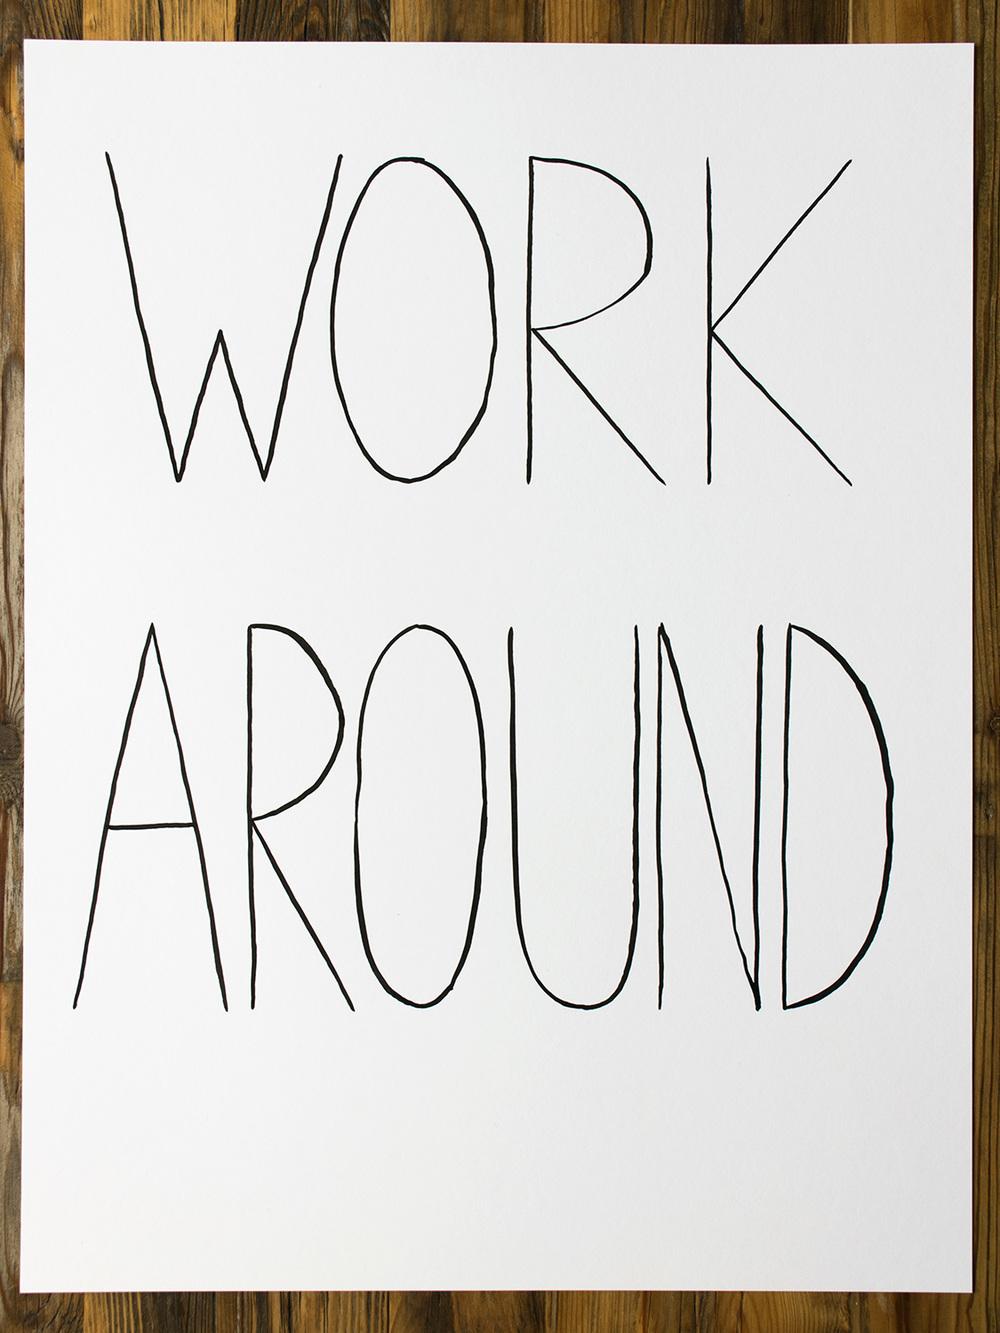 work_around-1500x1125.jpg